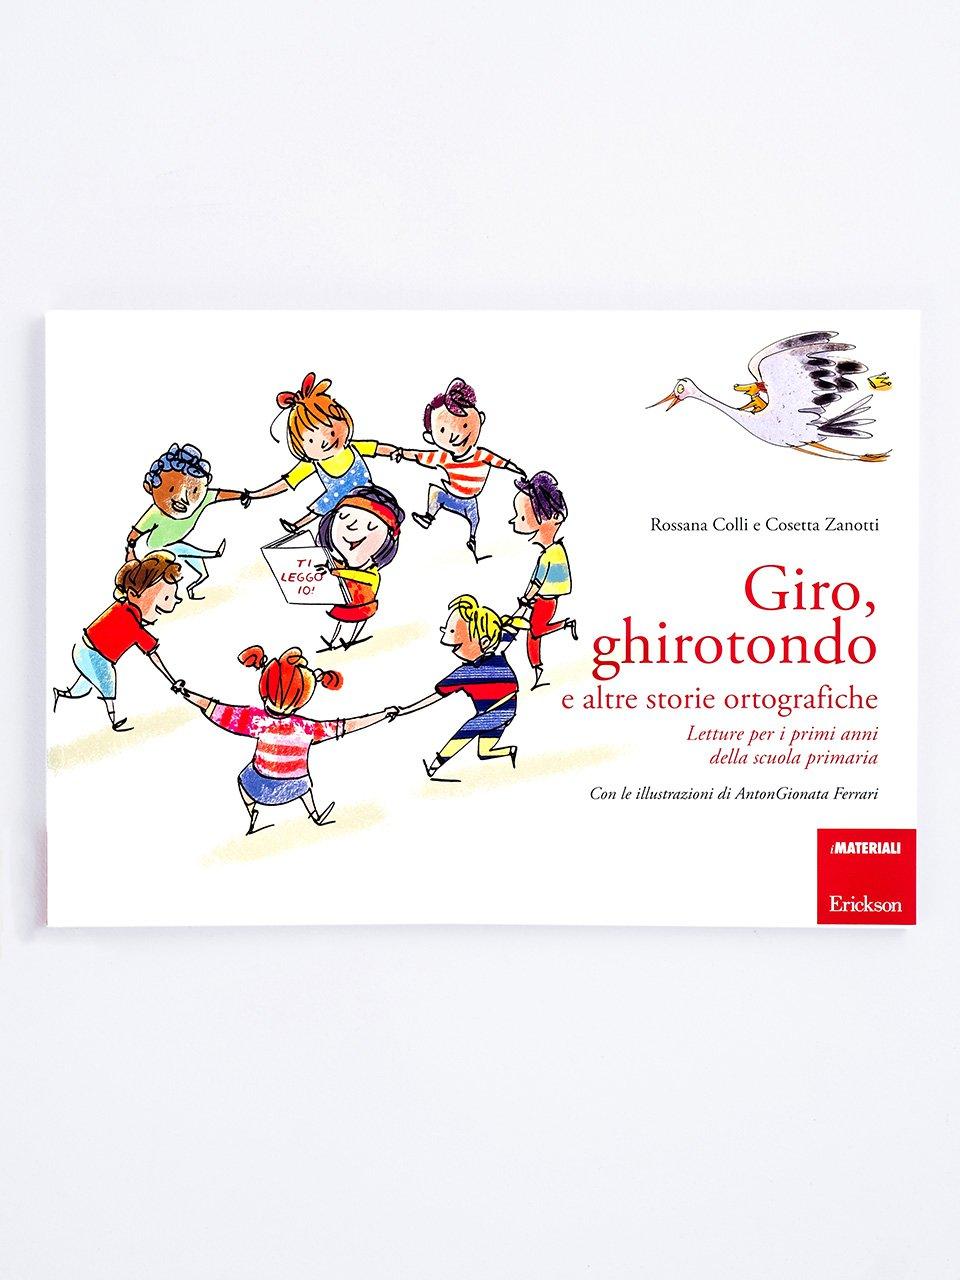 Giro, ghirotondo e altre storie ortografiche - I mini gialli dell'ortografia 3 - Libri - Erickson